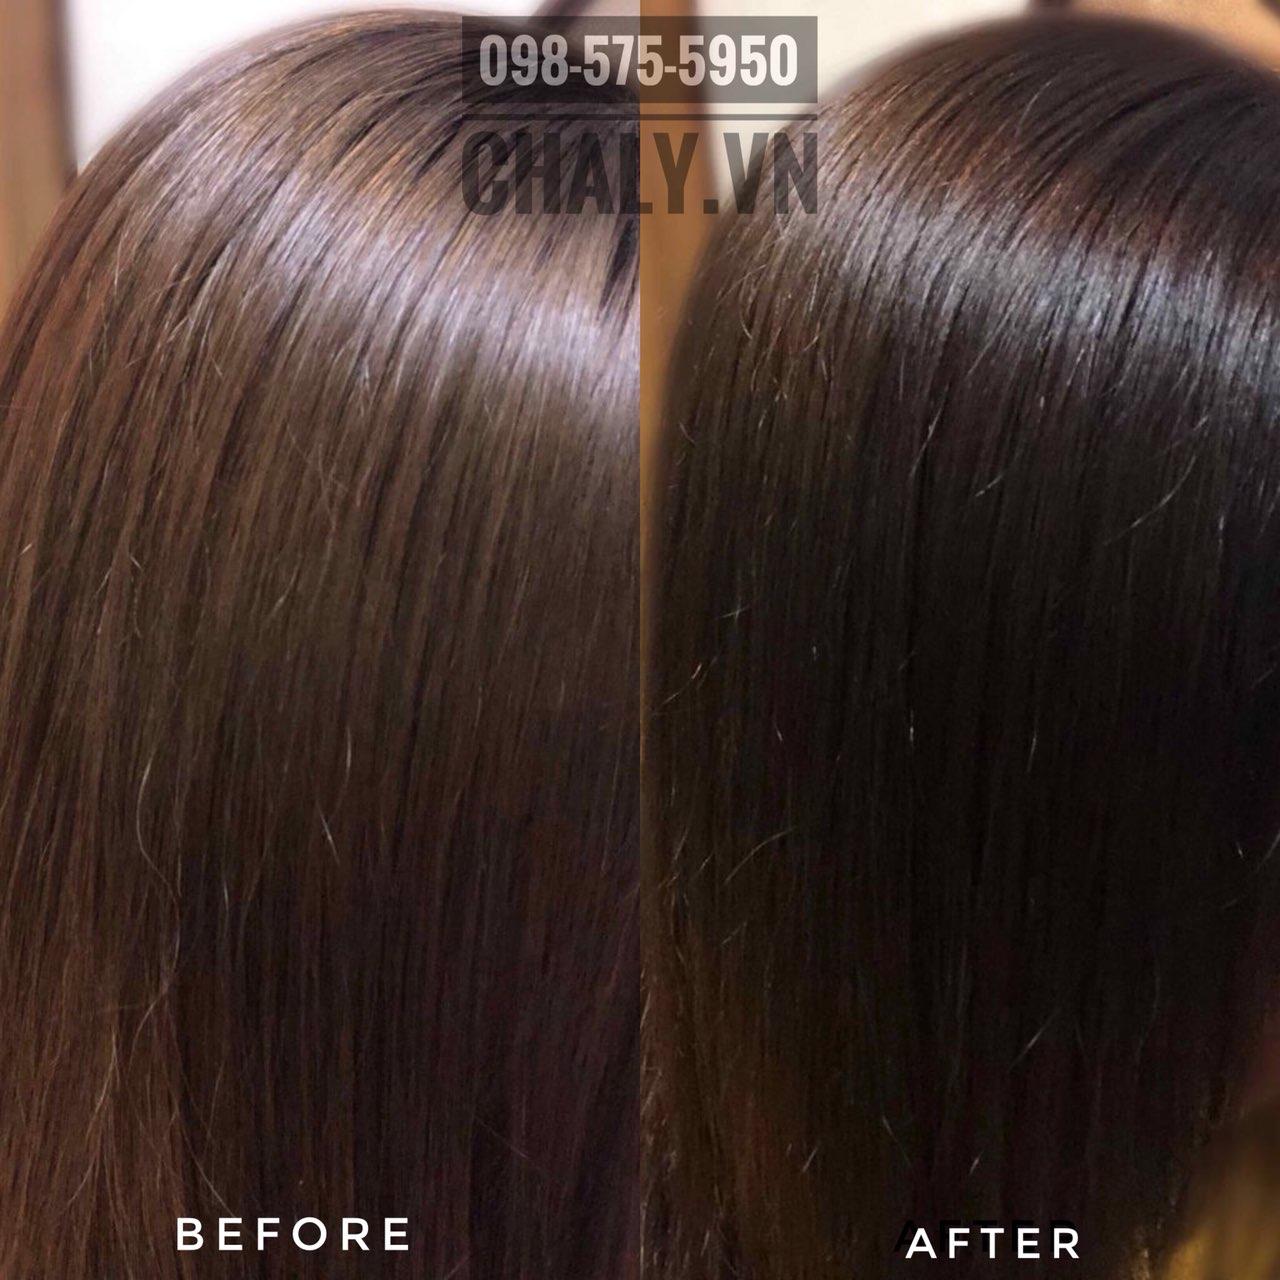 Sau khi sử dụng tẩy tóc tại nhà Liese bằng tone nâu tự nhiên thì mái tóc sẫm màu hơn và bớt ánh vàng hoe ban đầu